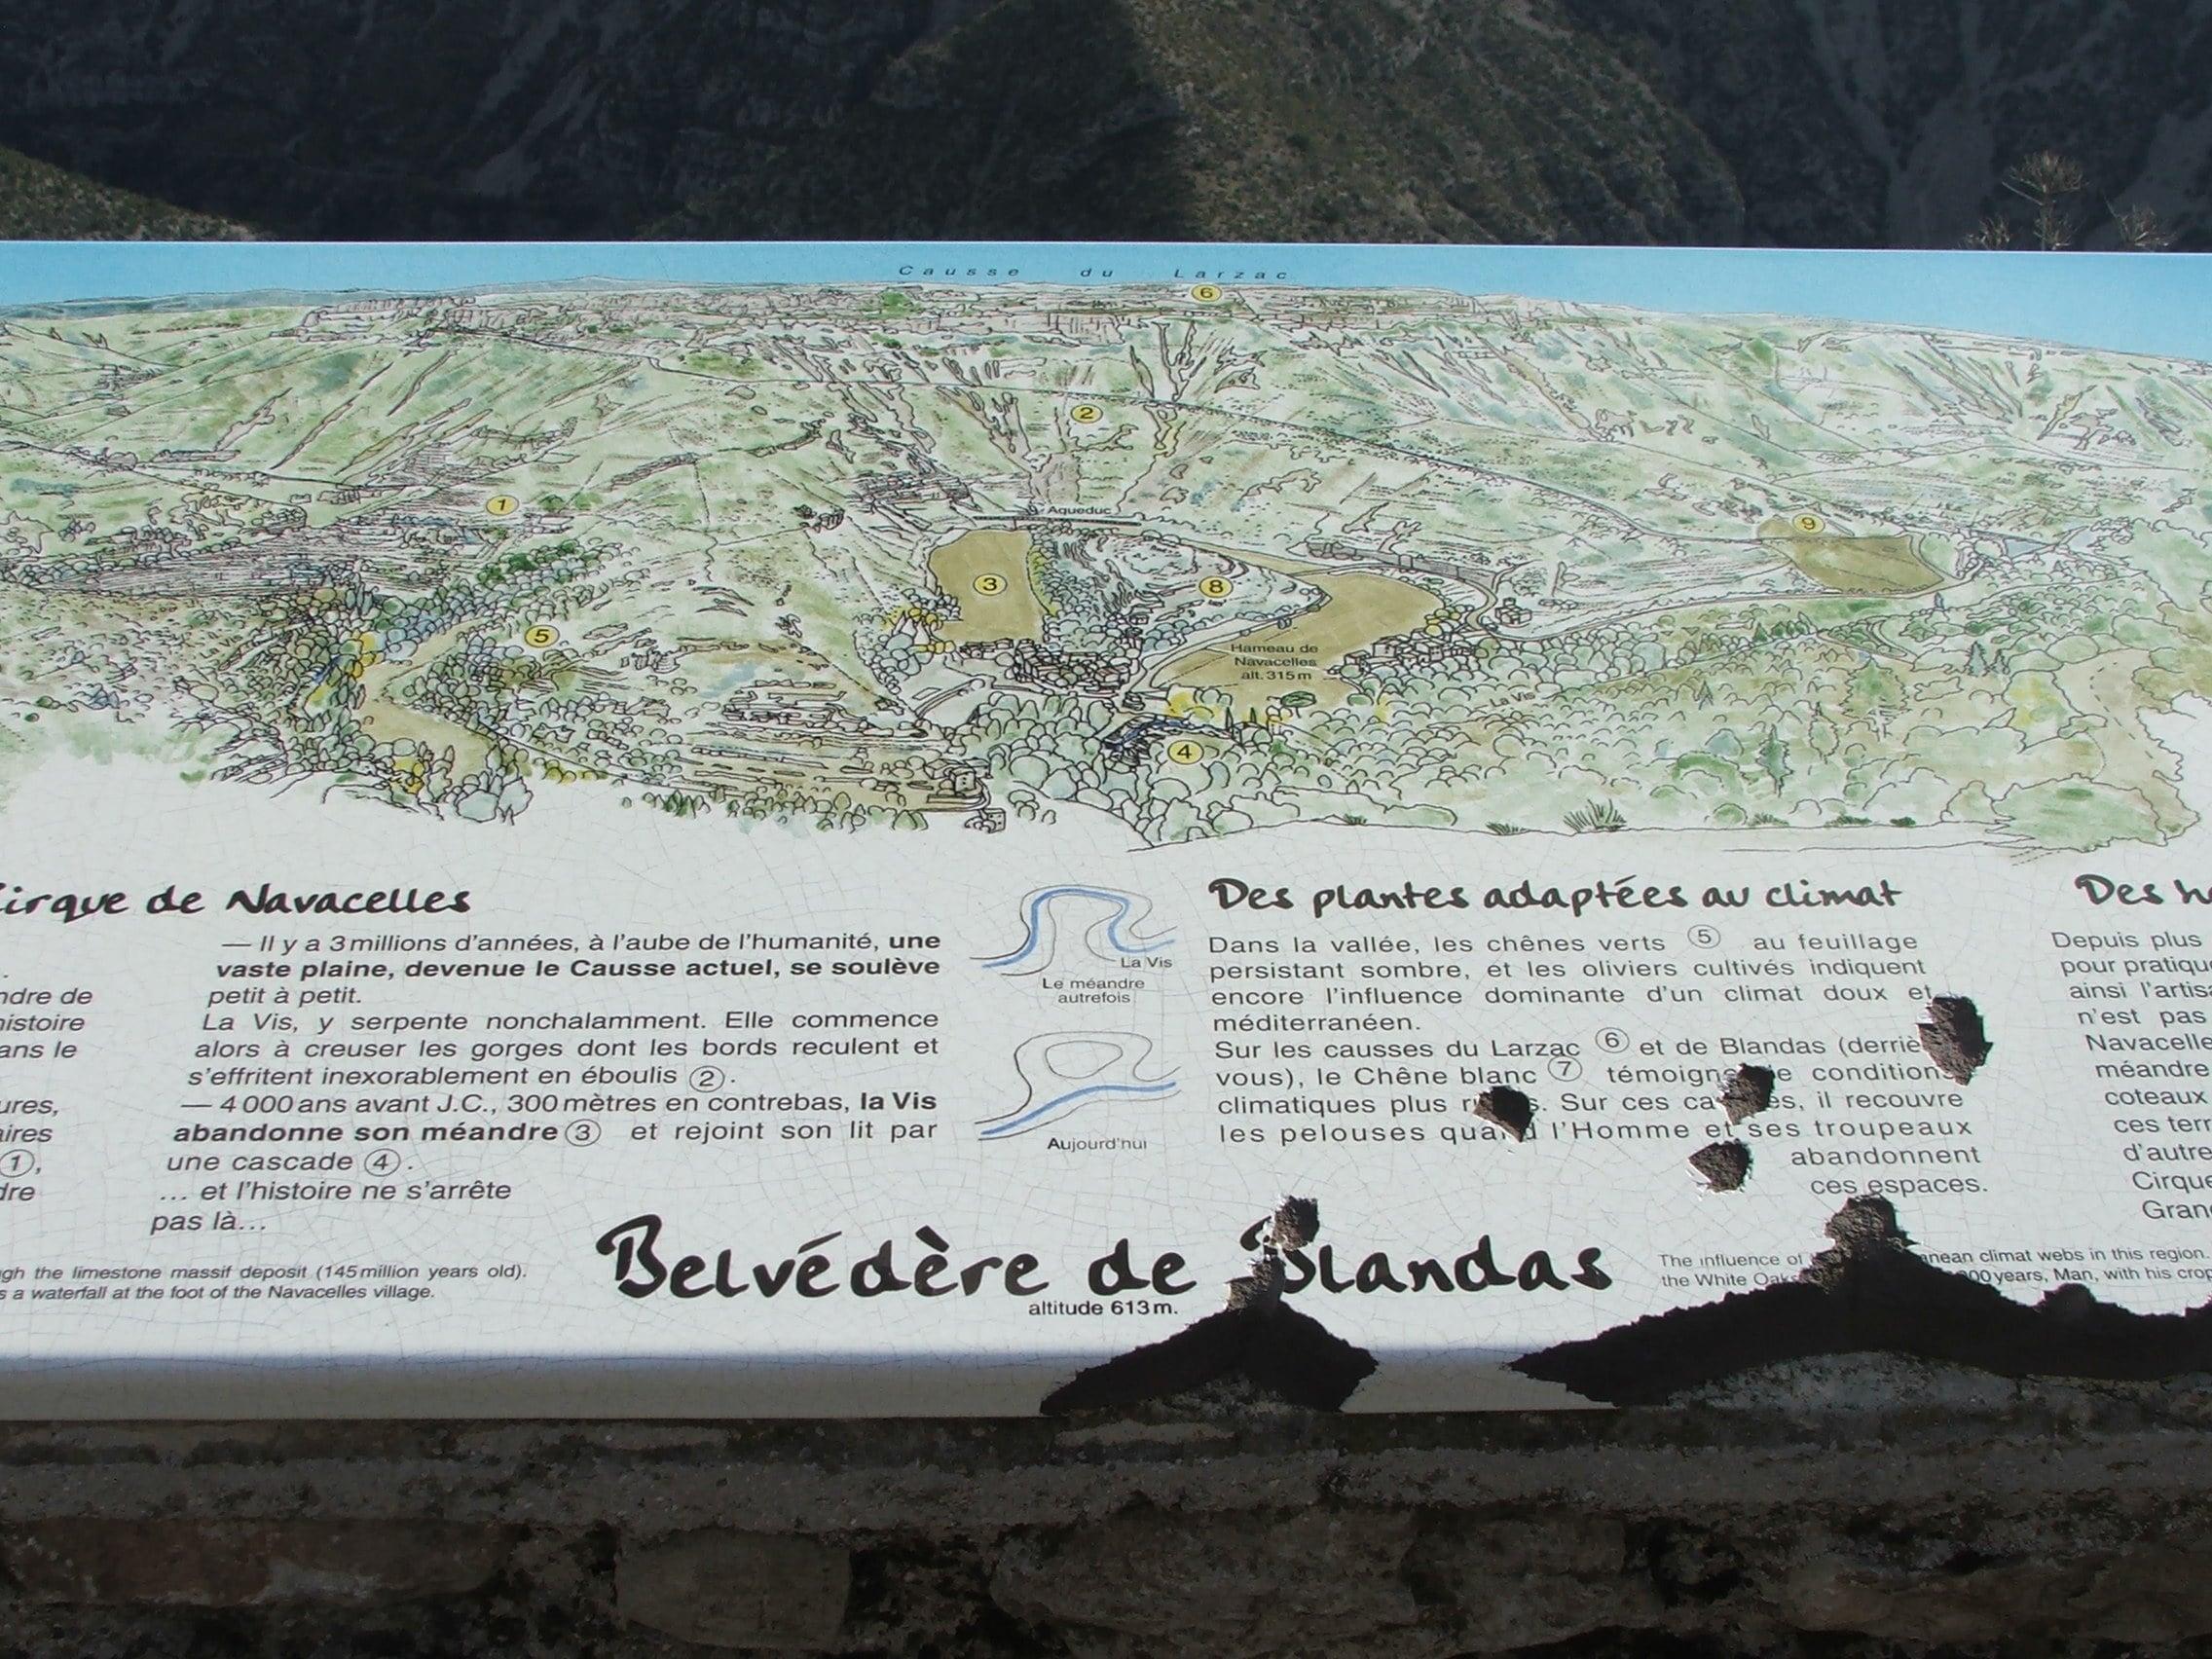 Belvédère de Blandas 119